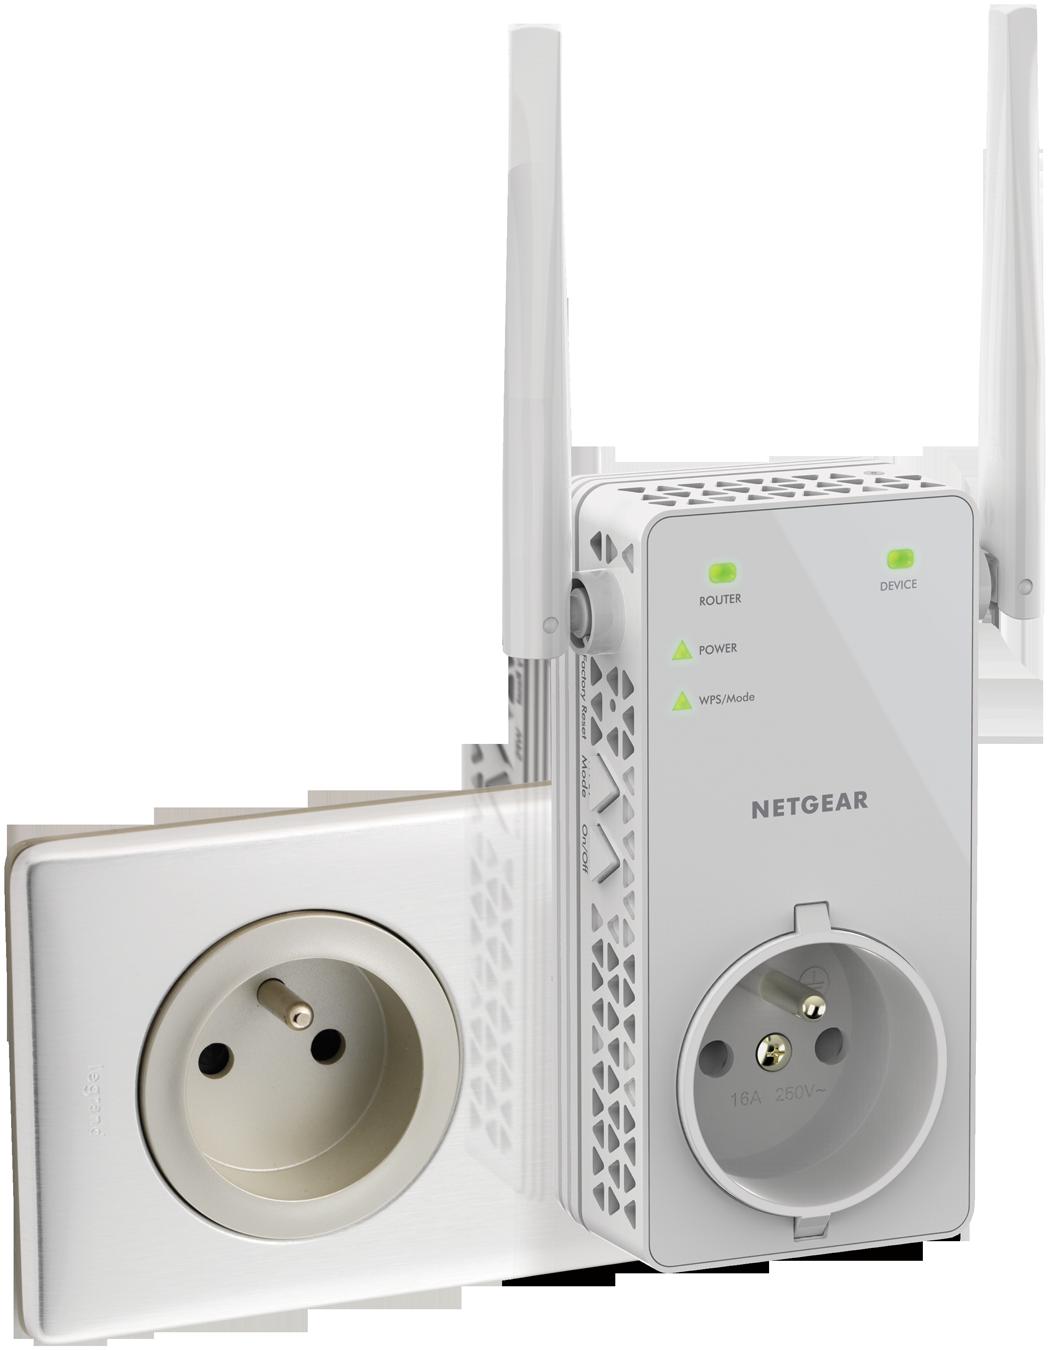 Ex6130 r p teurs wifi r seau produits grand public - Augmenter portee votre wifi avec repeteur ...